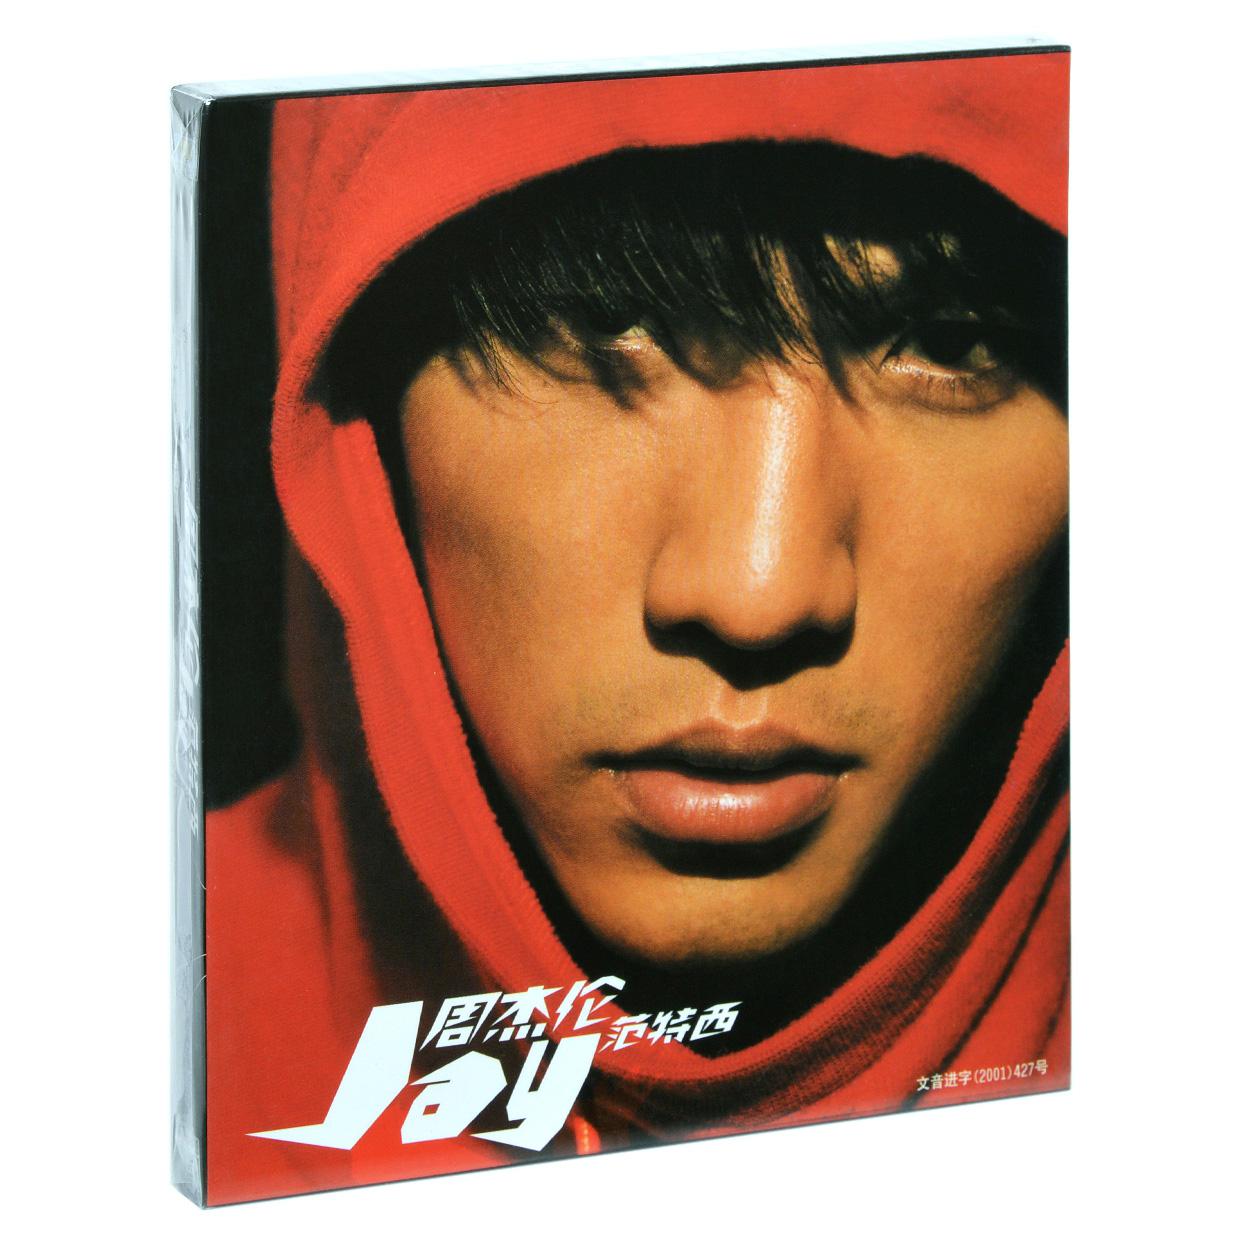 【星芸/美卡】周杰伦:范特西 第2张专辑 CD+歌词折页